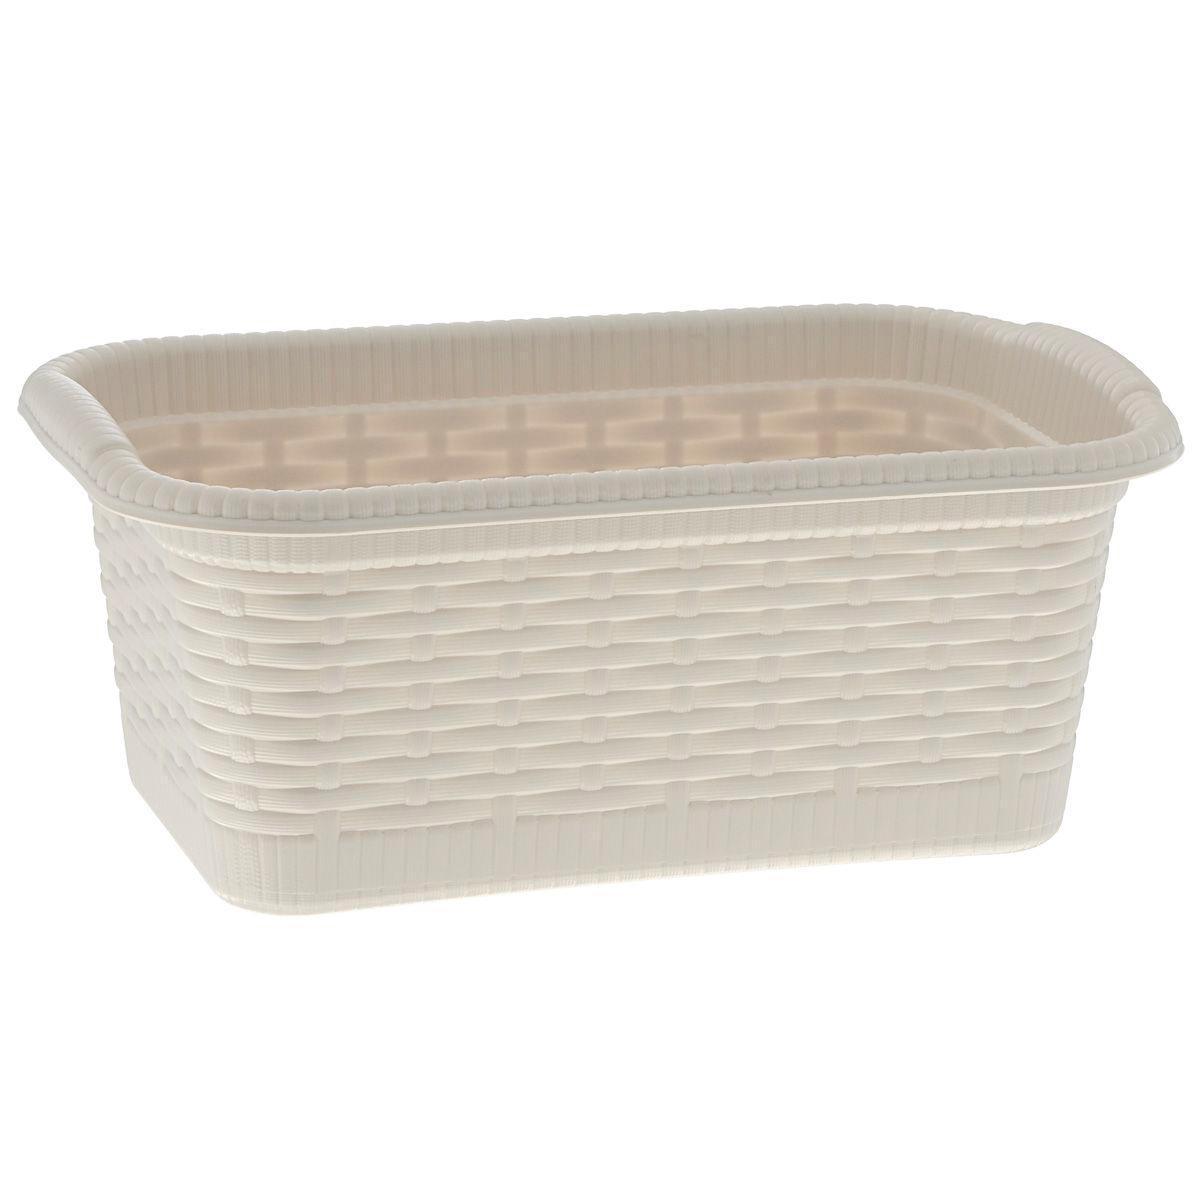 Корзина Gensini Rattan, цвет: светло-бежевый, 3 лRG-D31SКорзина Gensini Rattan, изготовленная из прочного пластика, предназначена для хранения мелочей в ванной, на кухне, даче или гараже. Легкая корзина со сплошным дном позволяет хранить мелкие вещи, исключая возможность их потери.